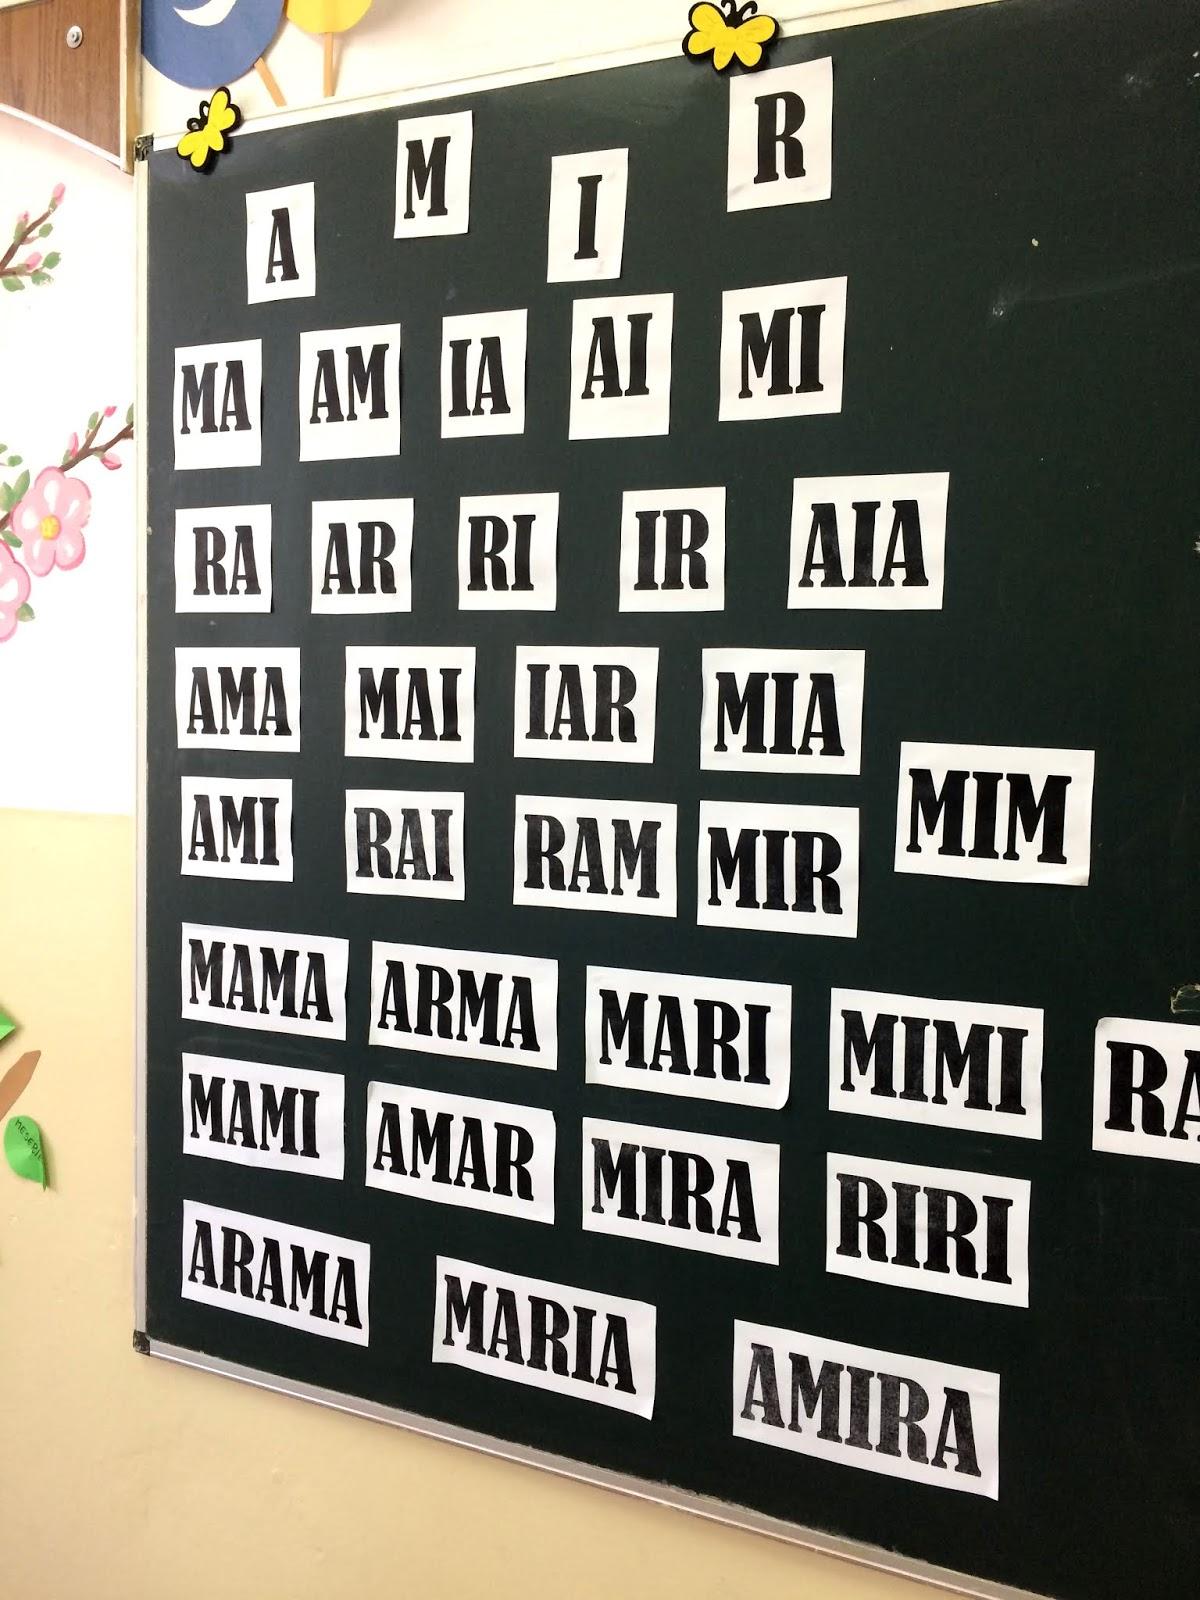 """Colecție de cuvinte și silabe cu literele """"A"""", """"M"""", """"I"""" și """"R"""""""